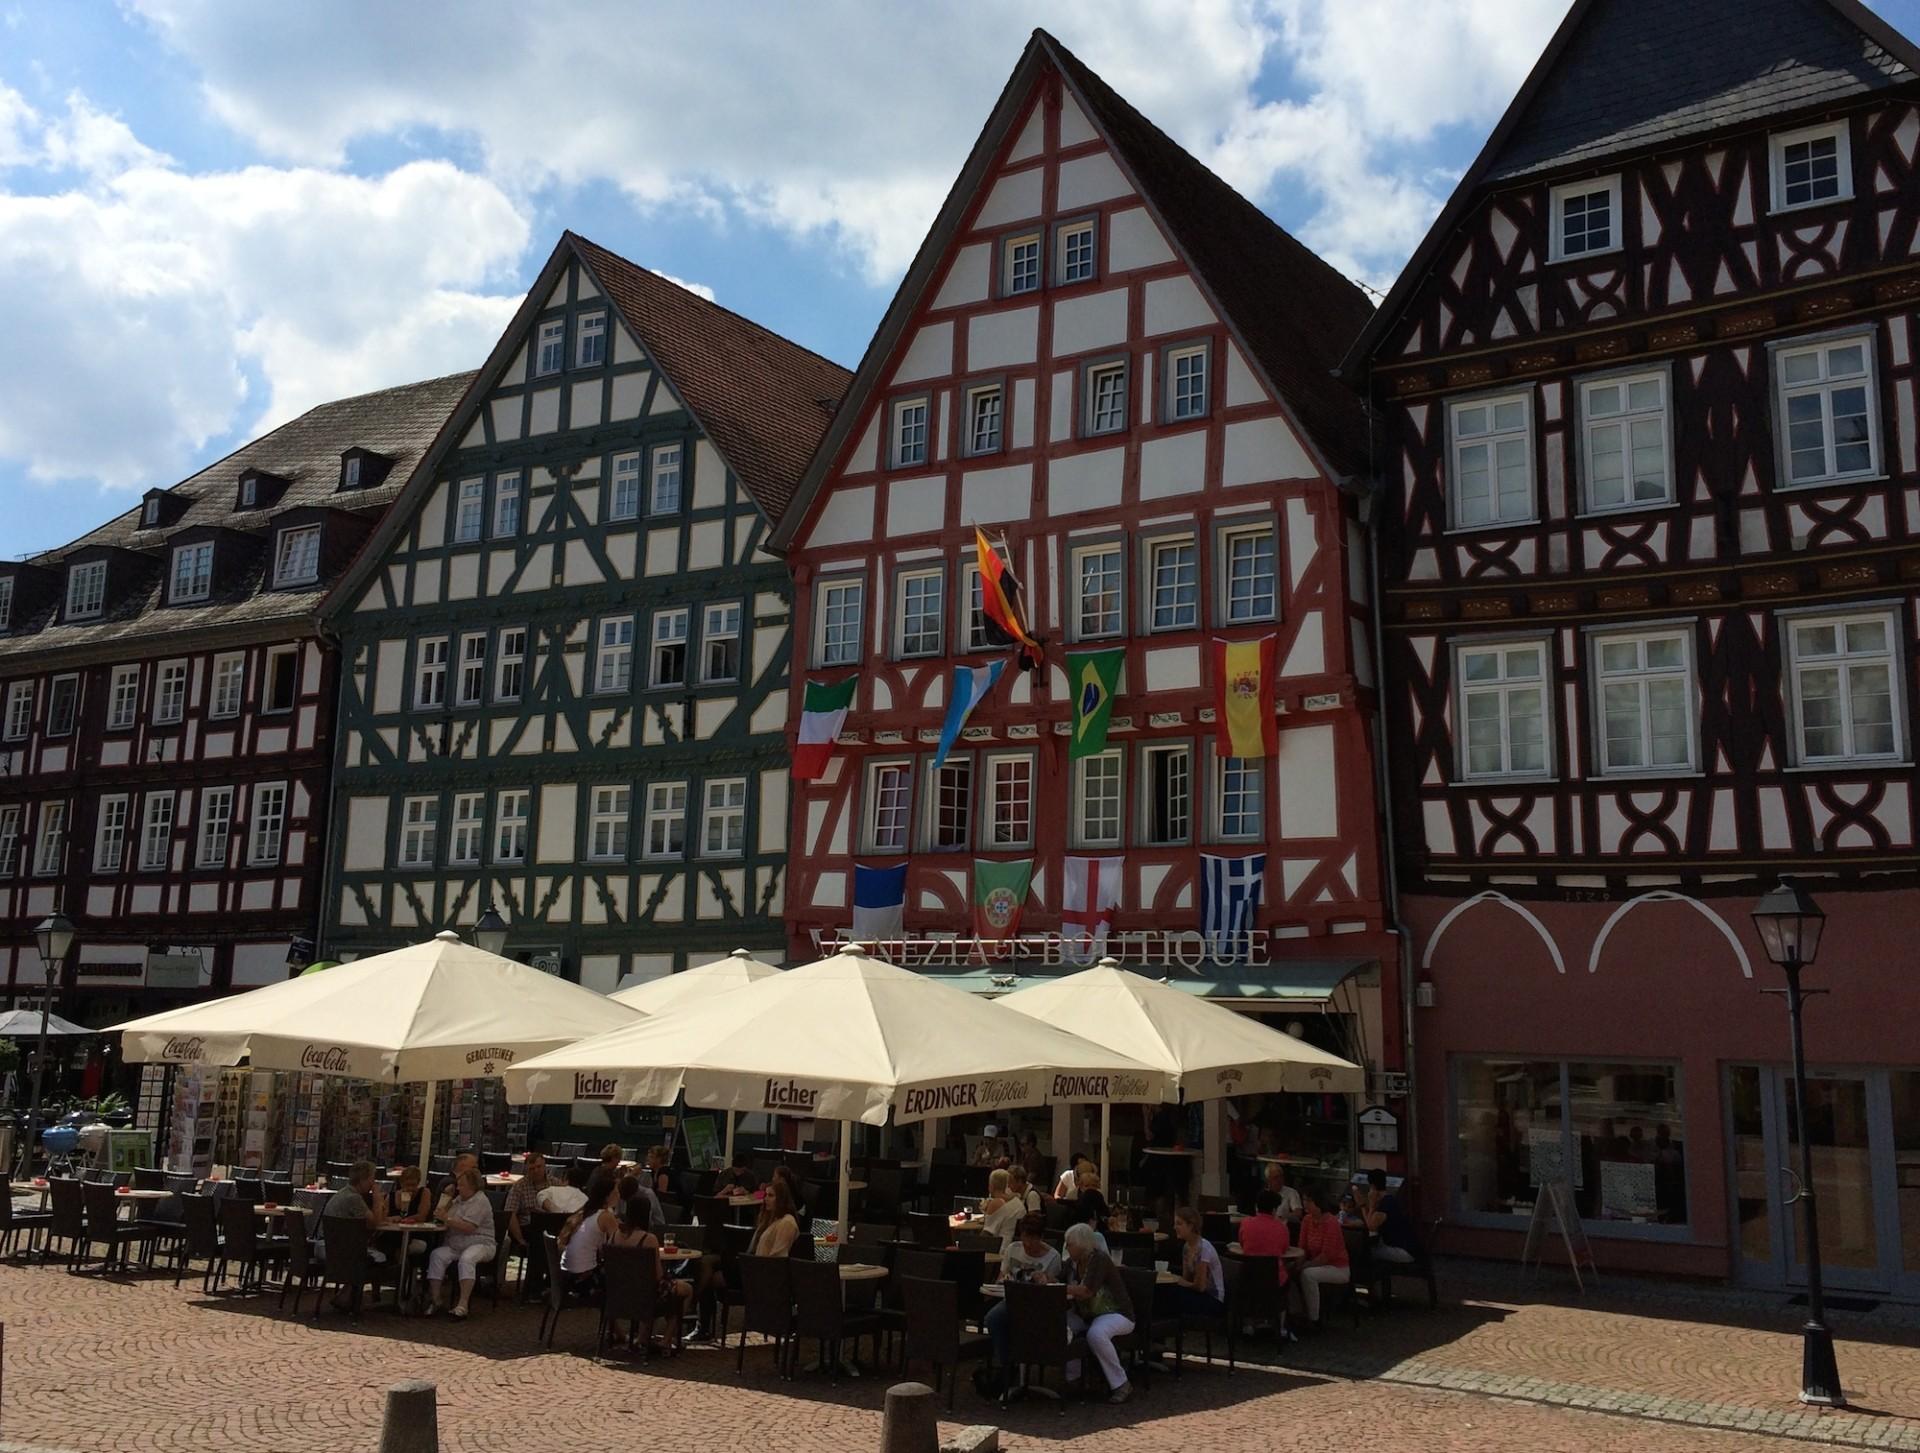 Eisdiele-Marktplatz